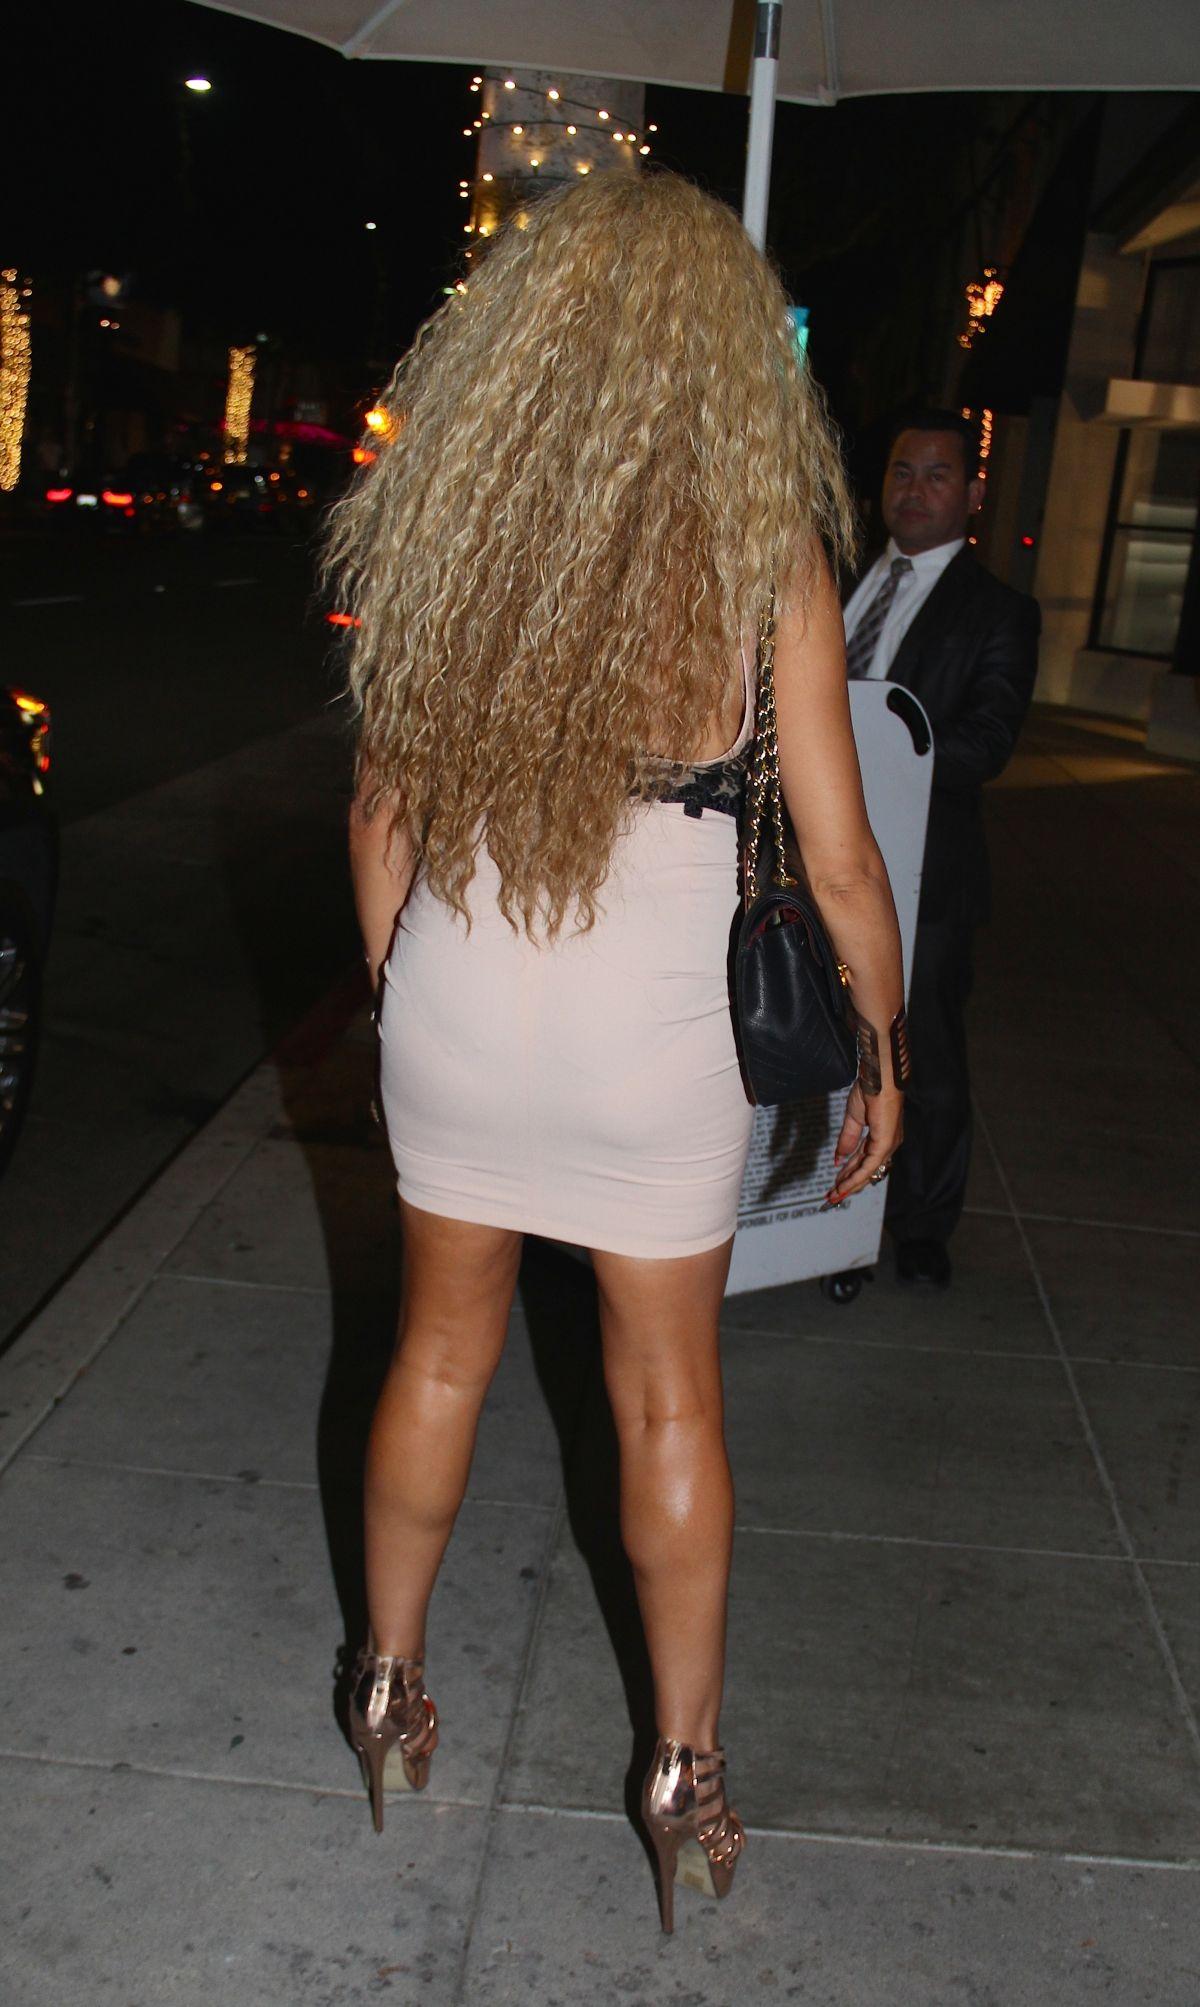 AFIDA TURNER Arrives at Mr. Chow in Beverly Hills 12/22 ...